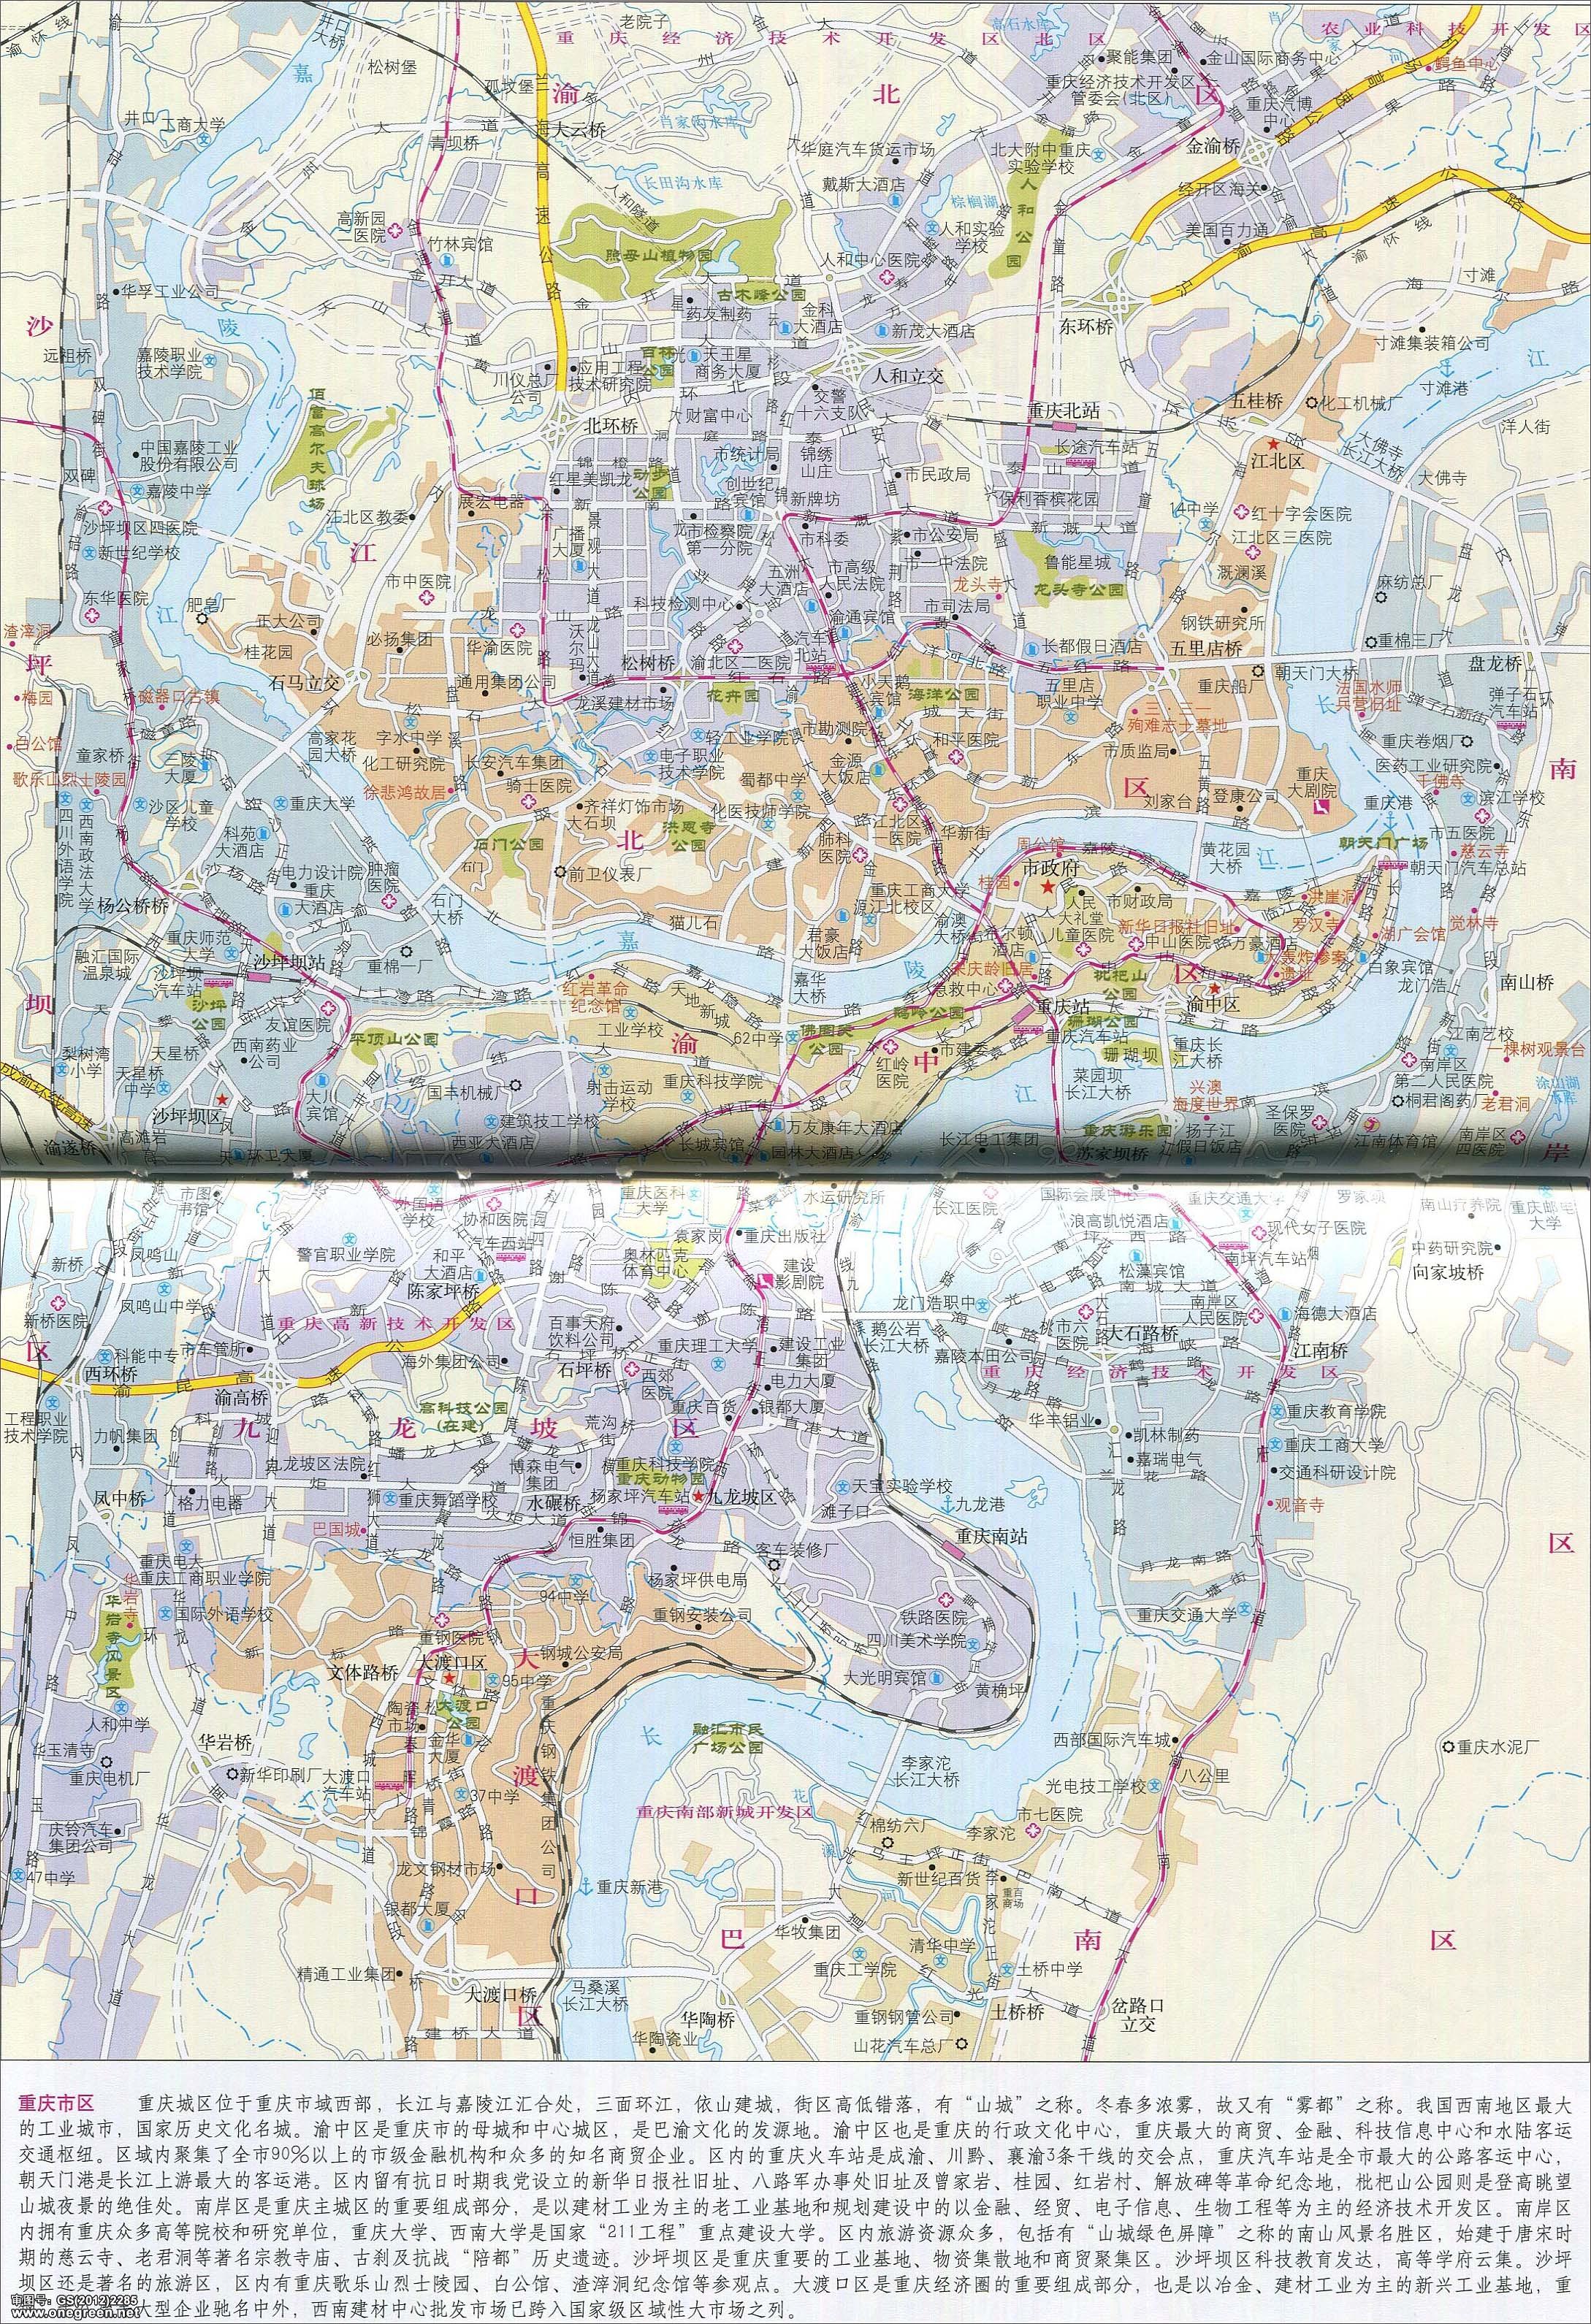 重庆城区地图地形版